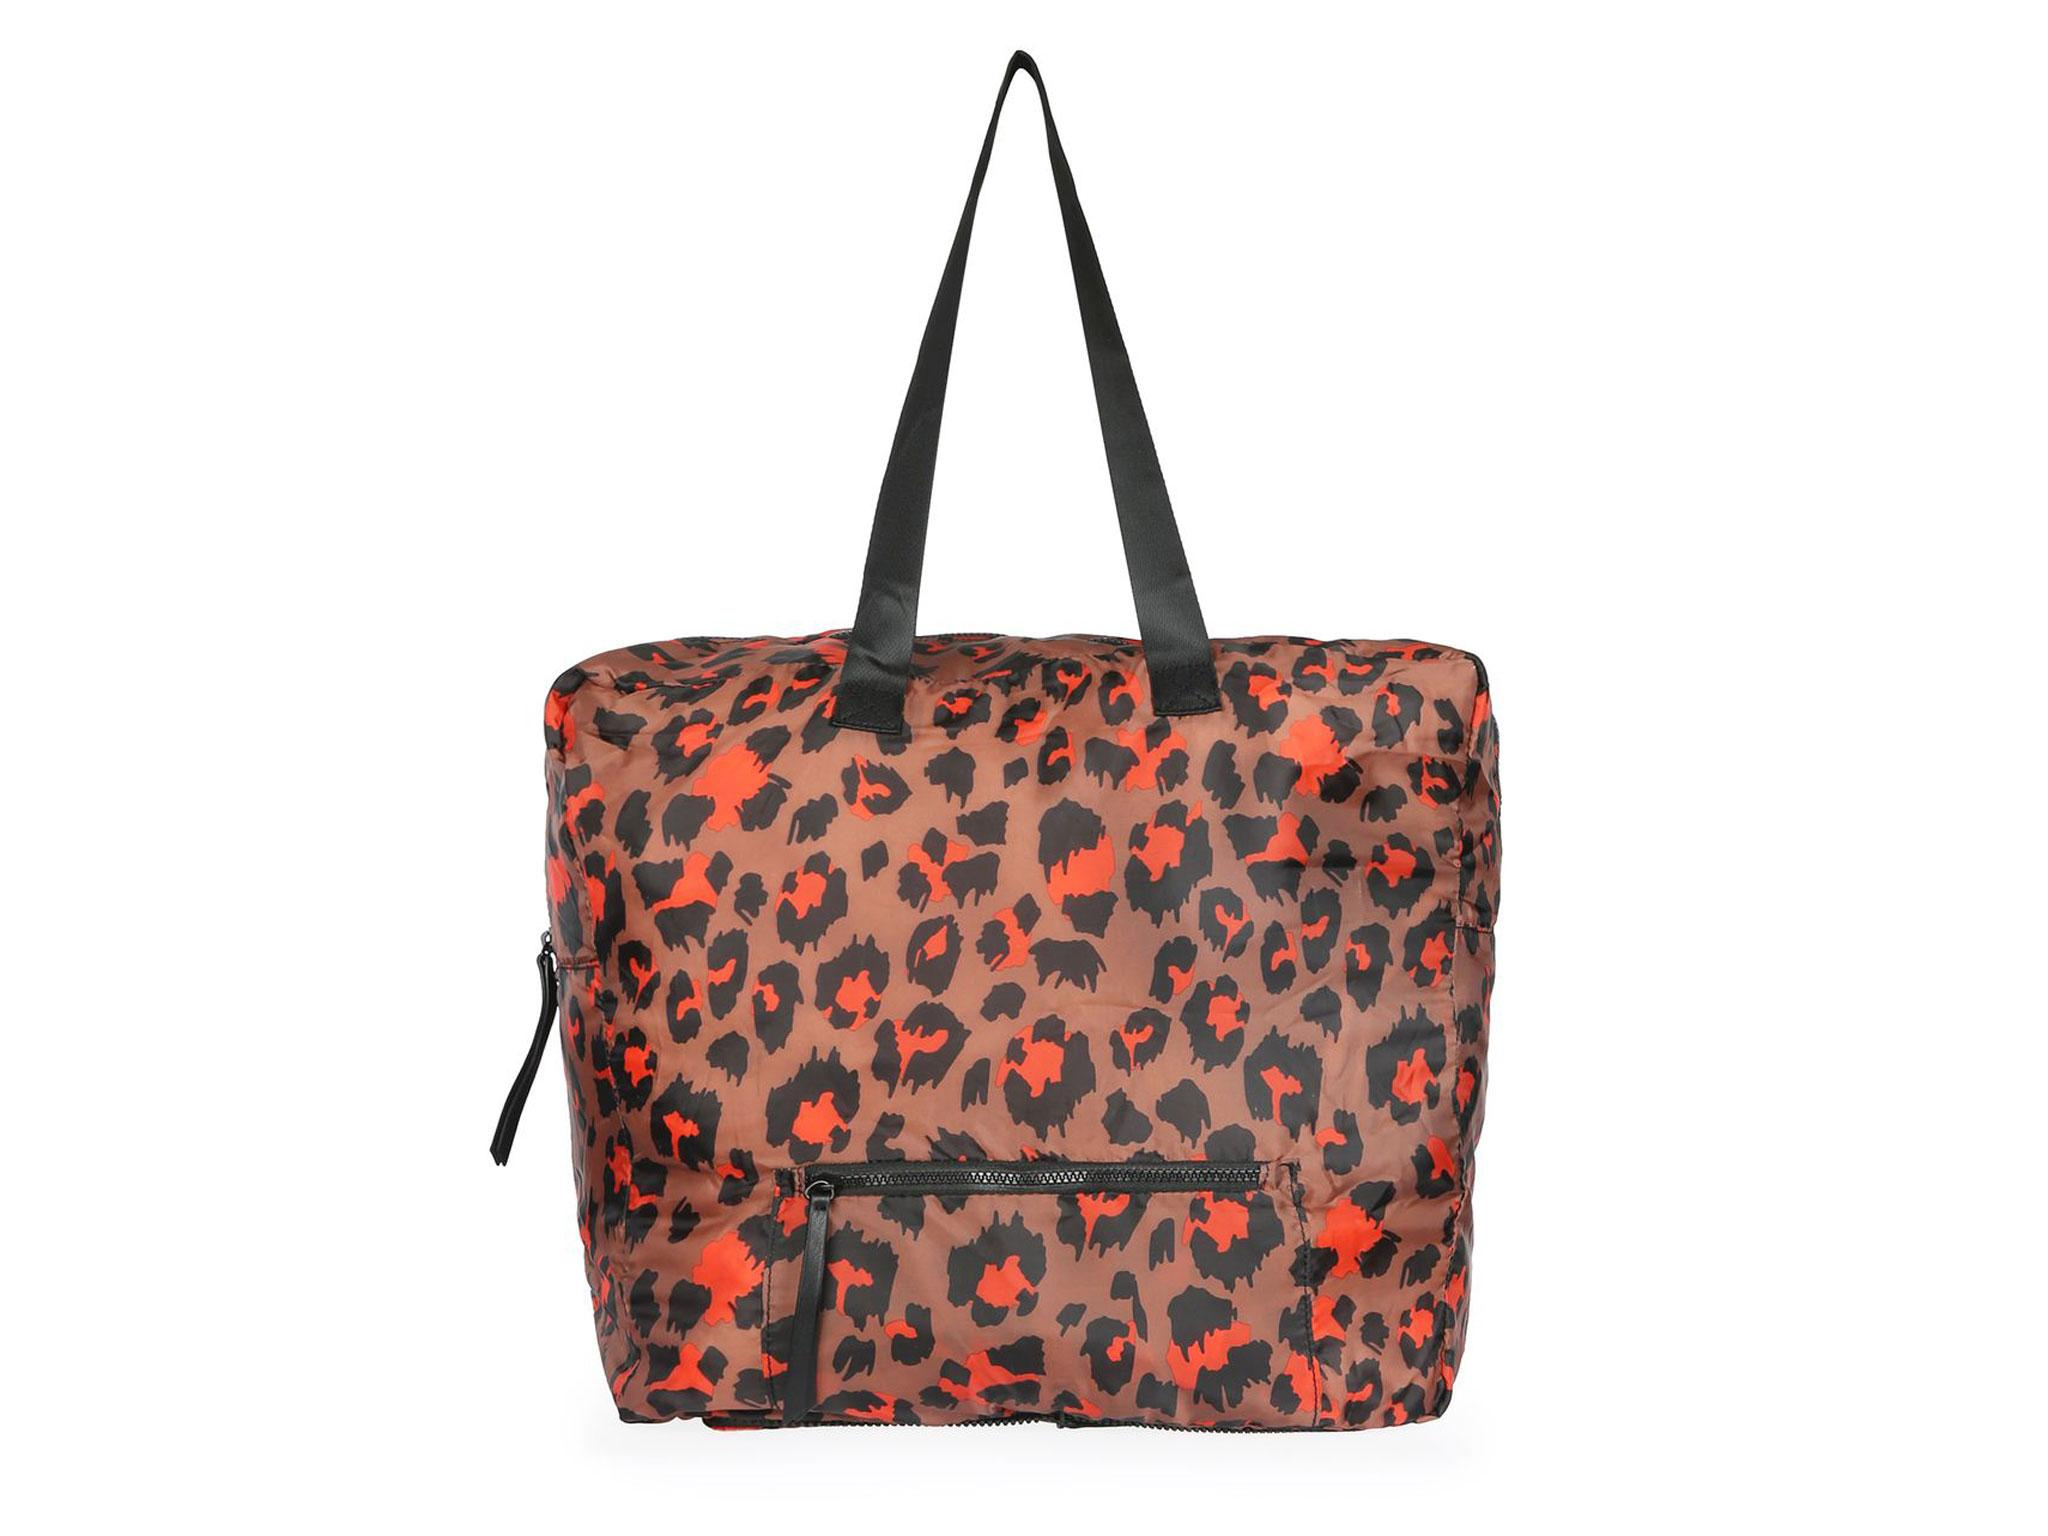 5e317183ca 10 best overnight bags for women